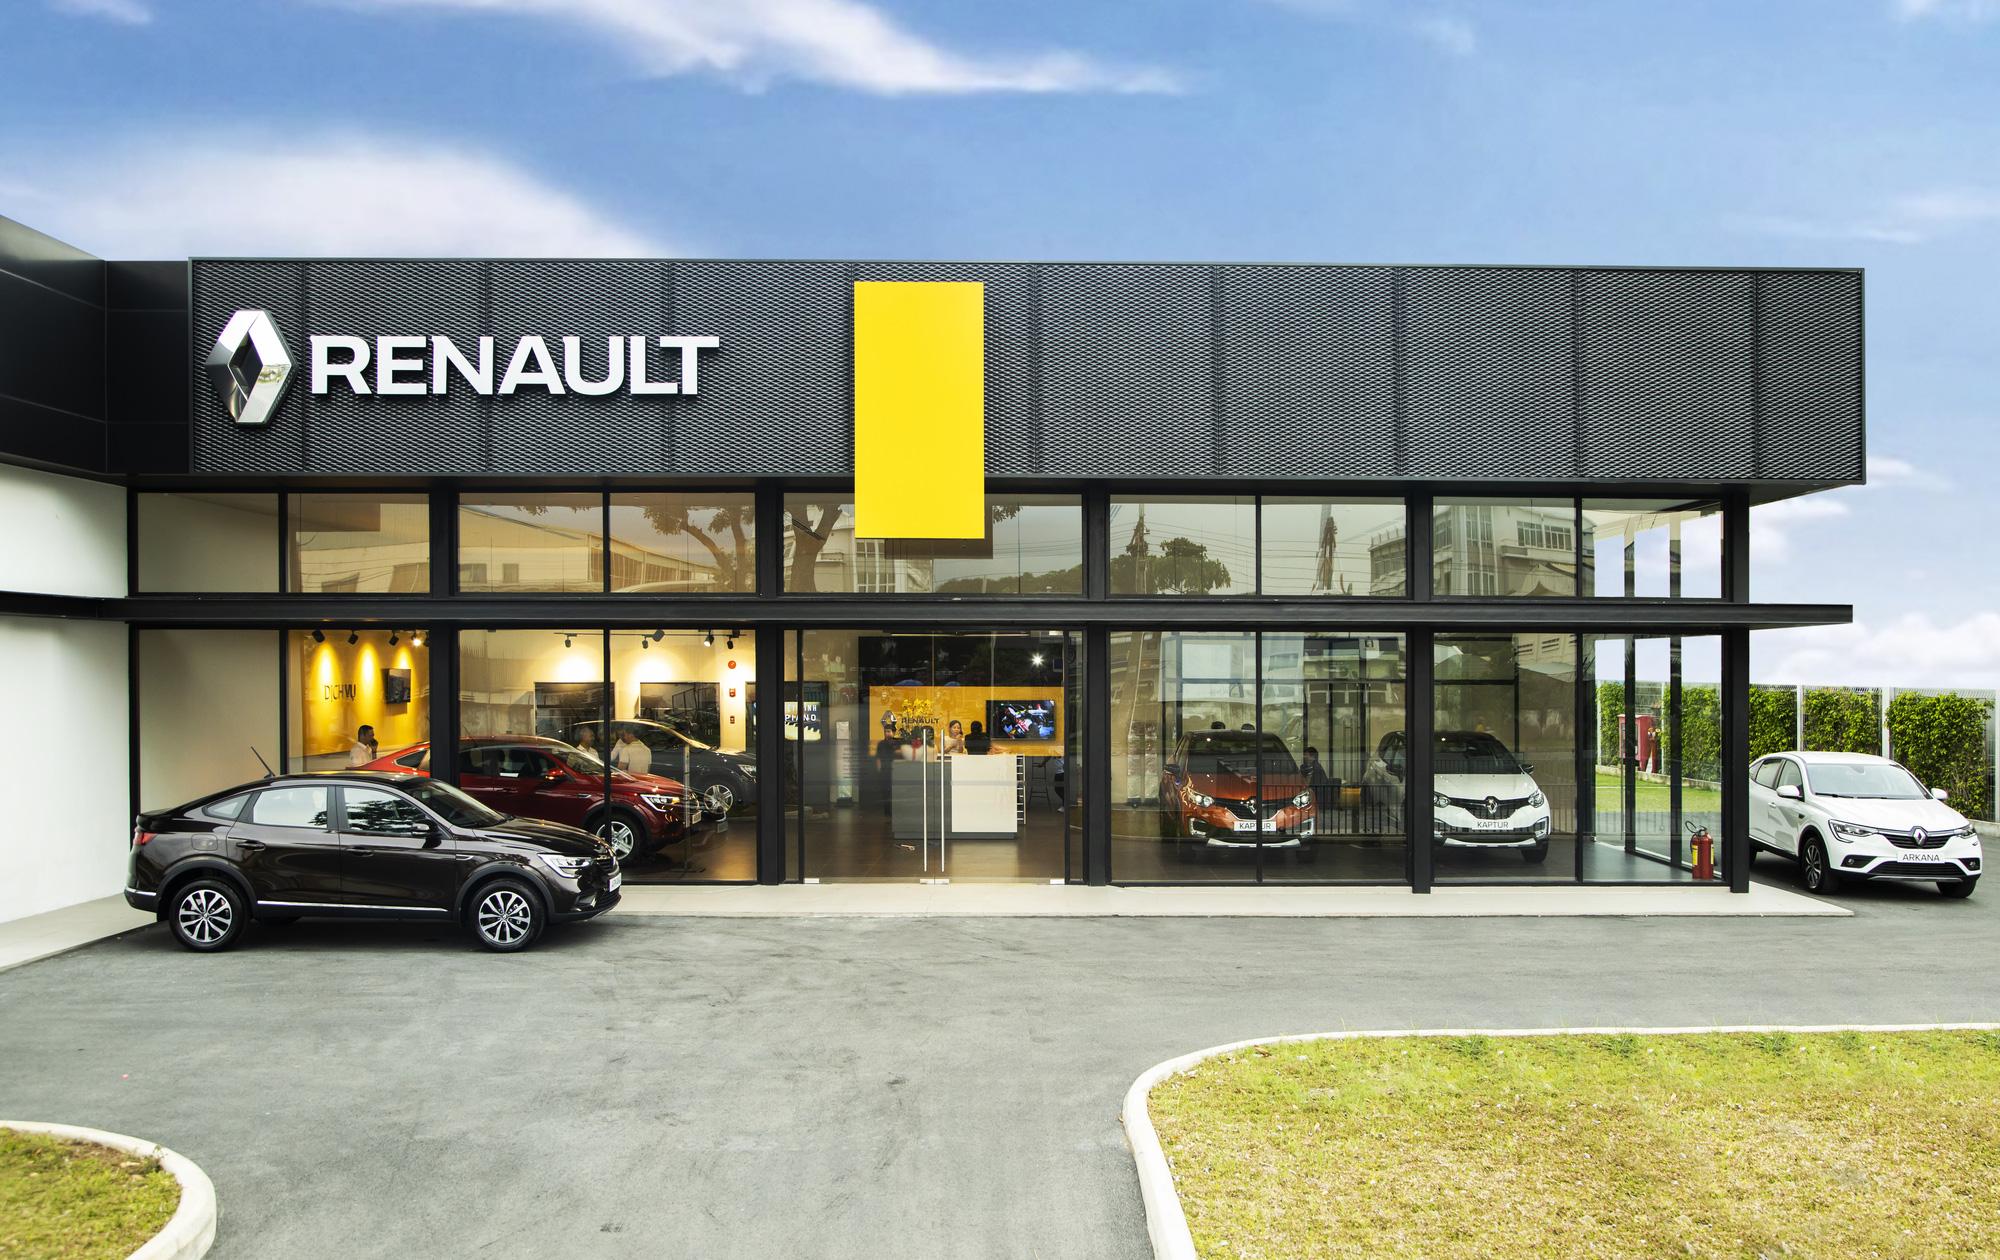 Renault về chung nhà với Lamborghini, Aston Martin, kỳ vọng thoát ế tại Việt Nam